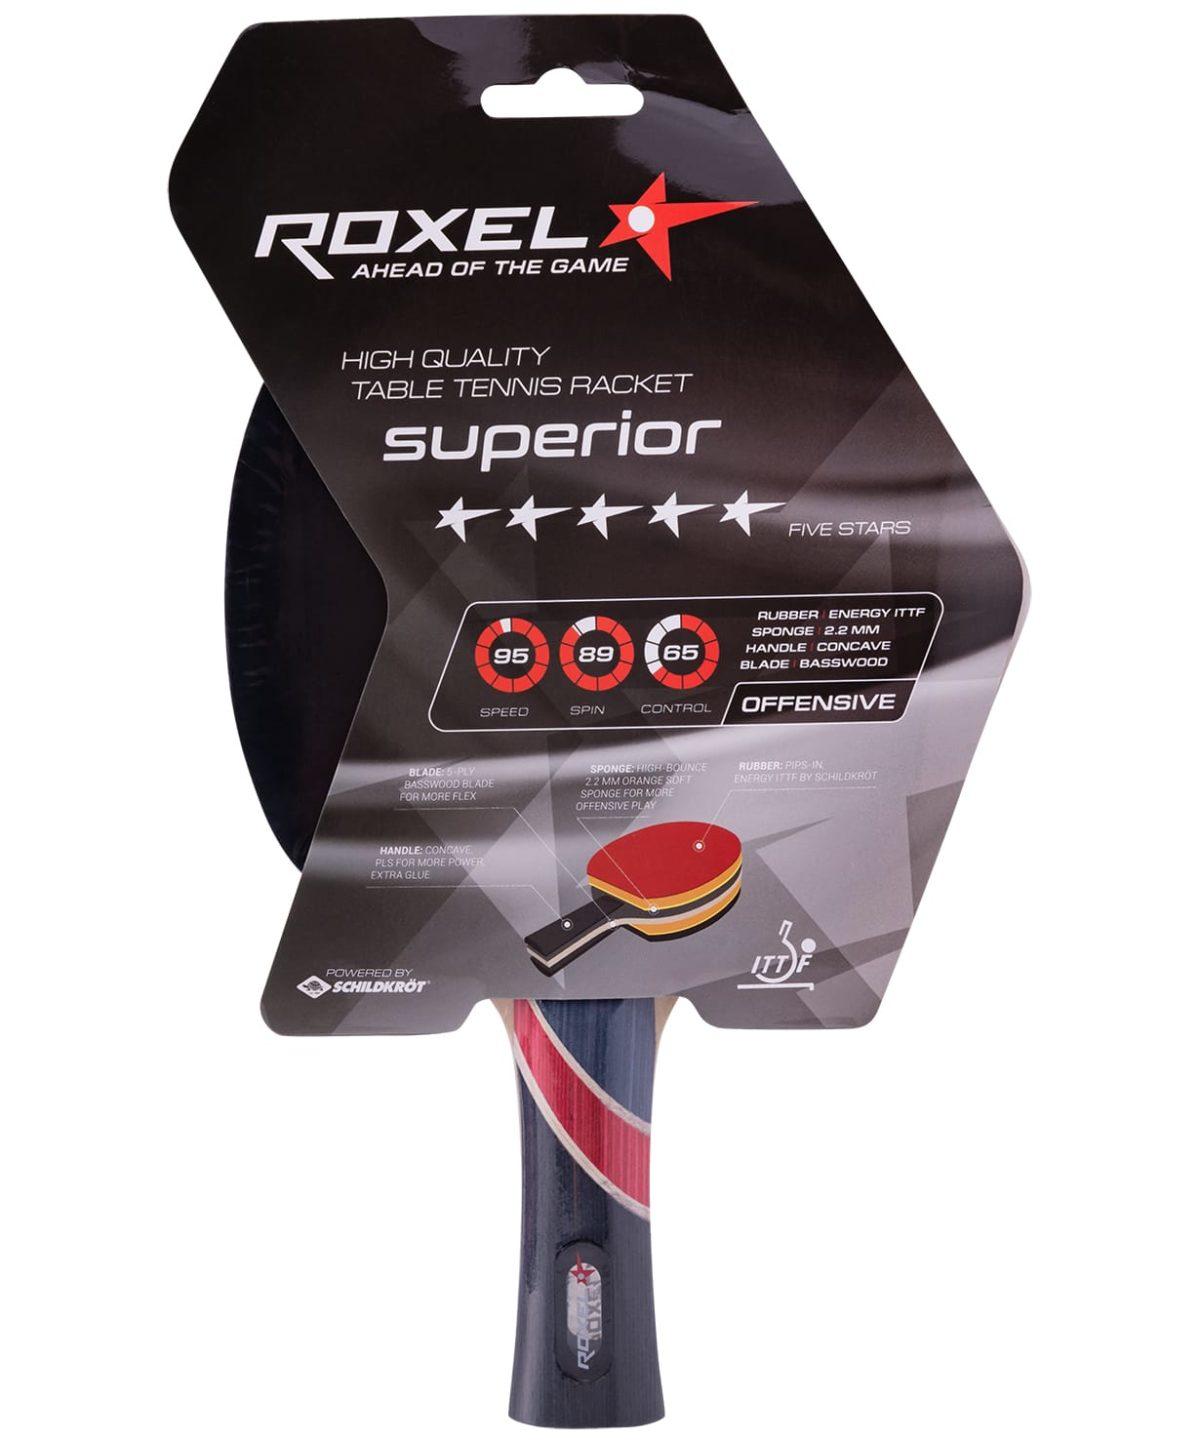 ROXEL 5* Superior Ракетка для настольного тенниса, коническая  15359 - 1